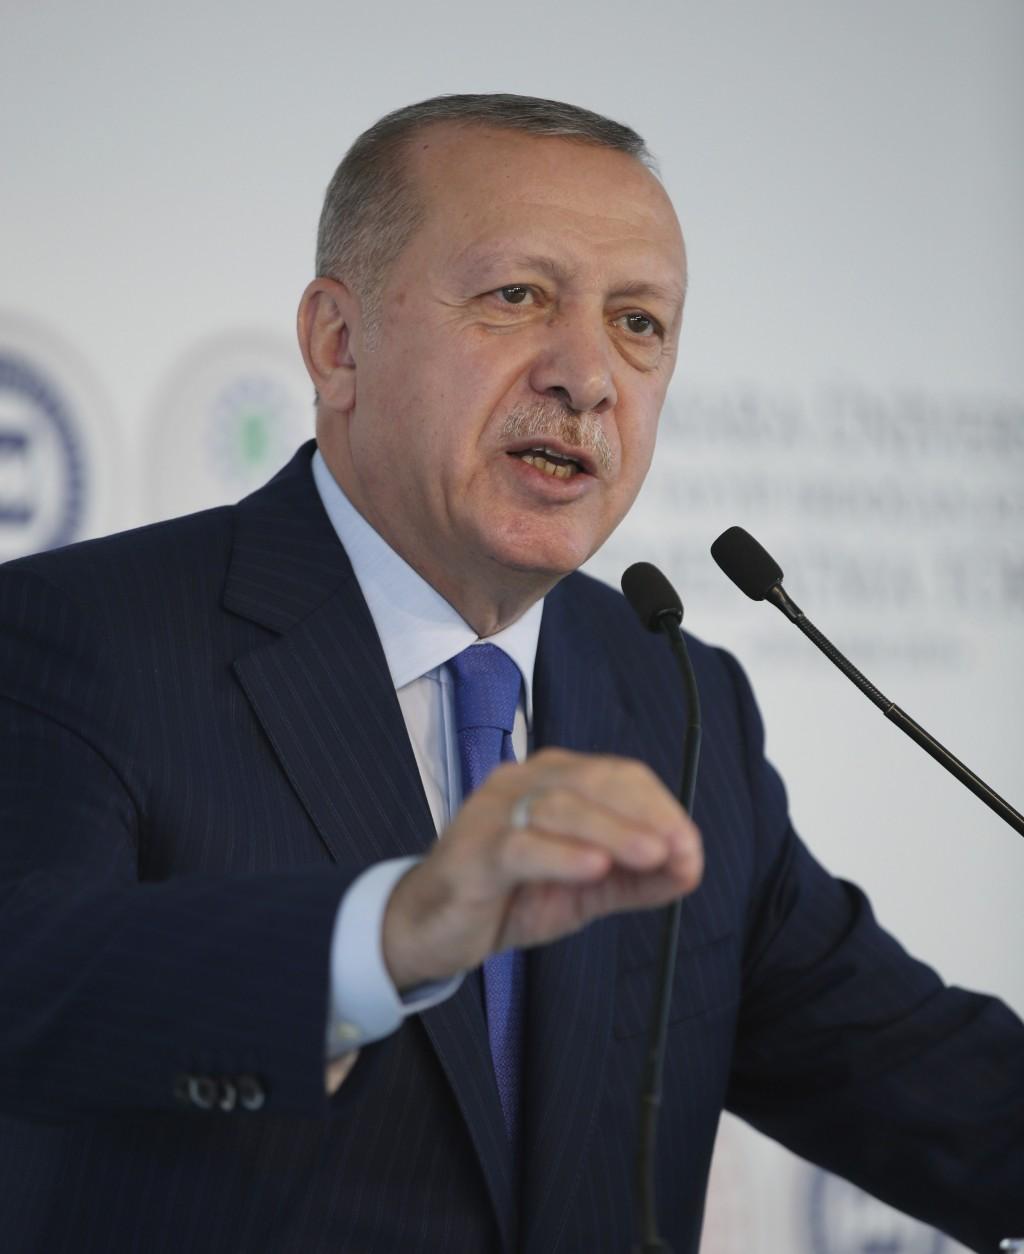 Turkey's President Recep Tayyip Erdogan speaks during the ground-breaking of Marmara University's Recep Tayyip Erdogan complex, in Istanbul, Friday, N...